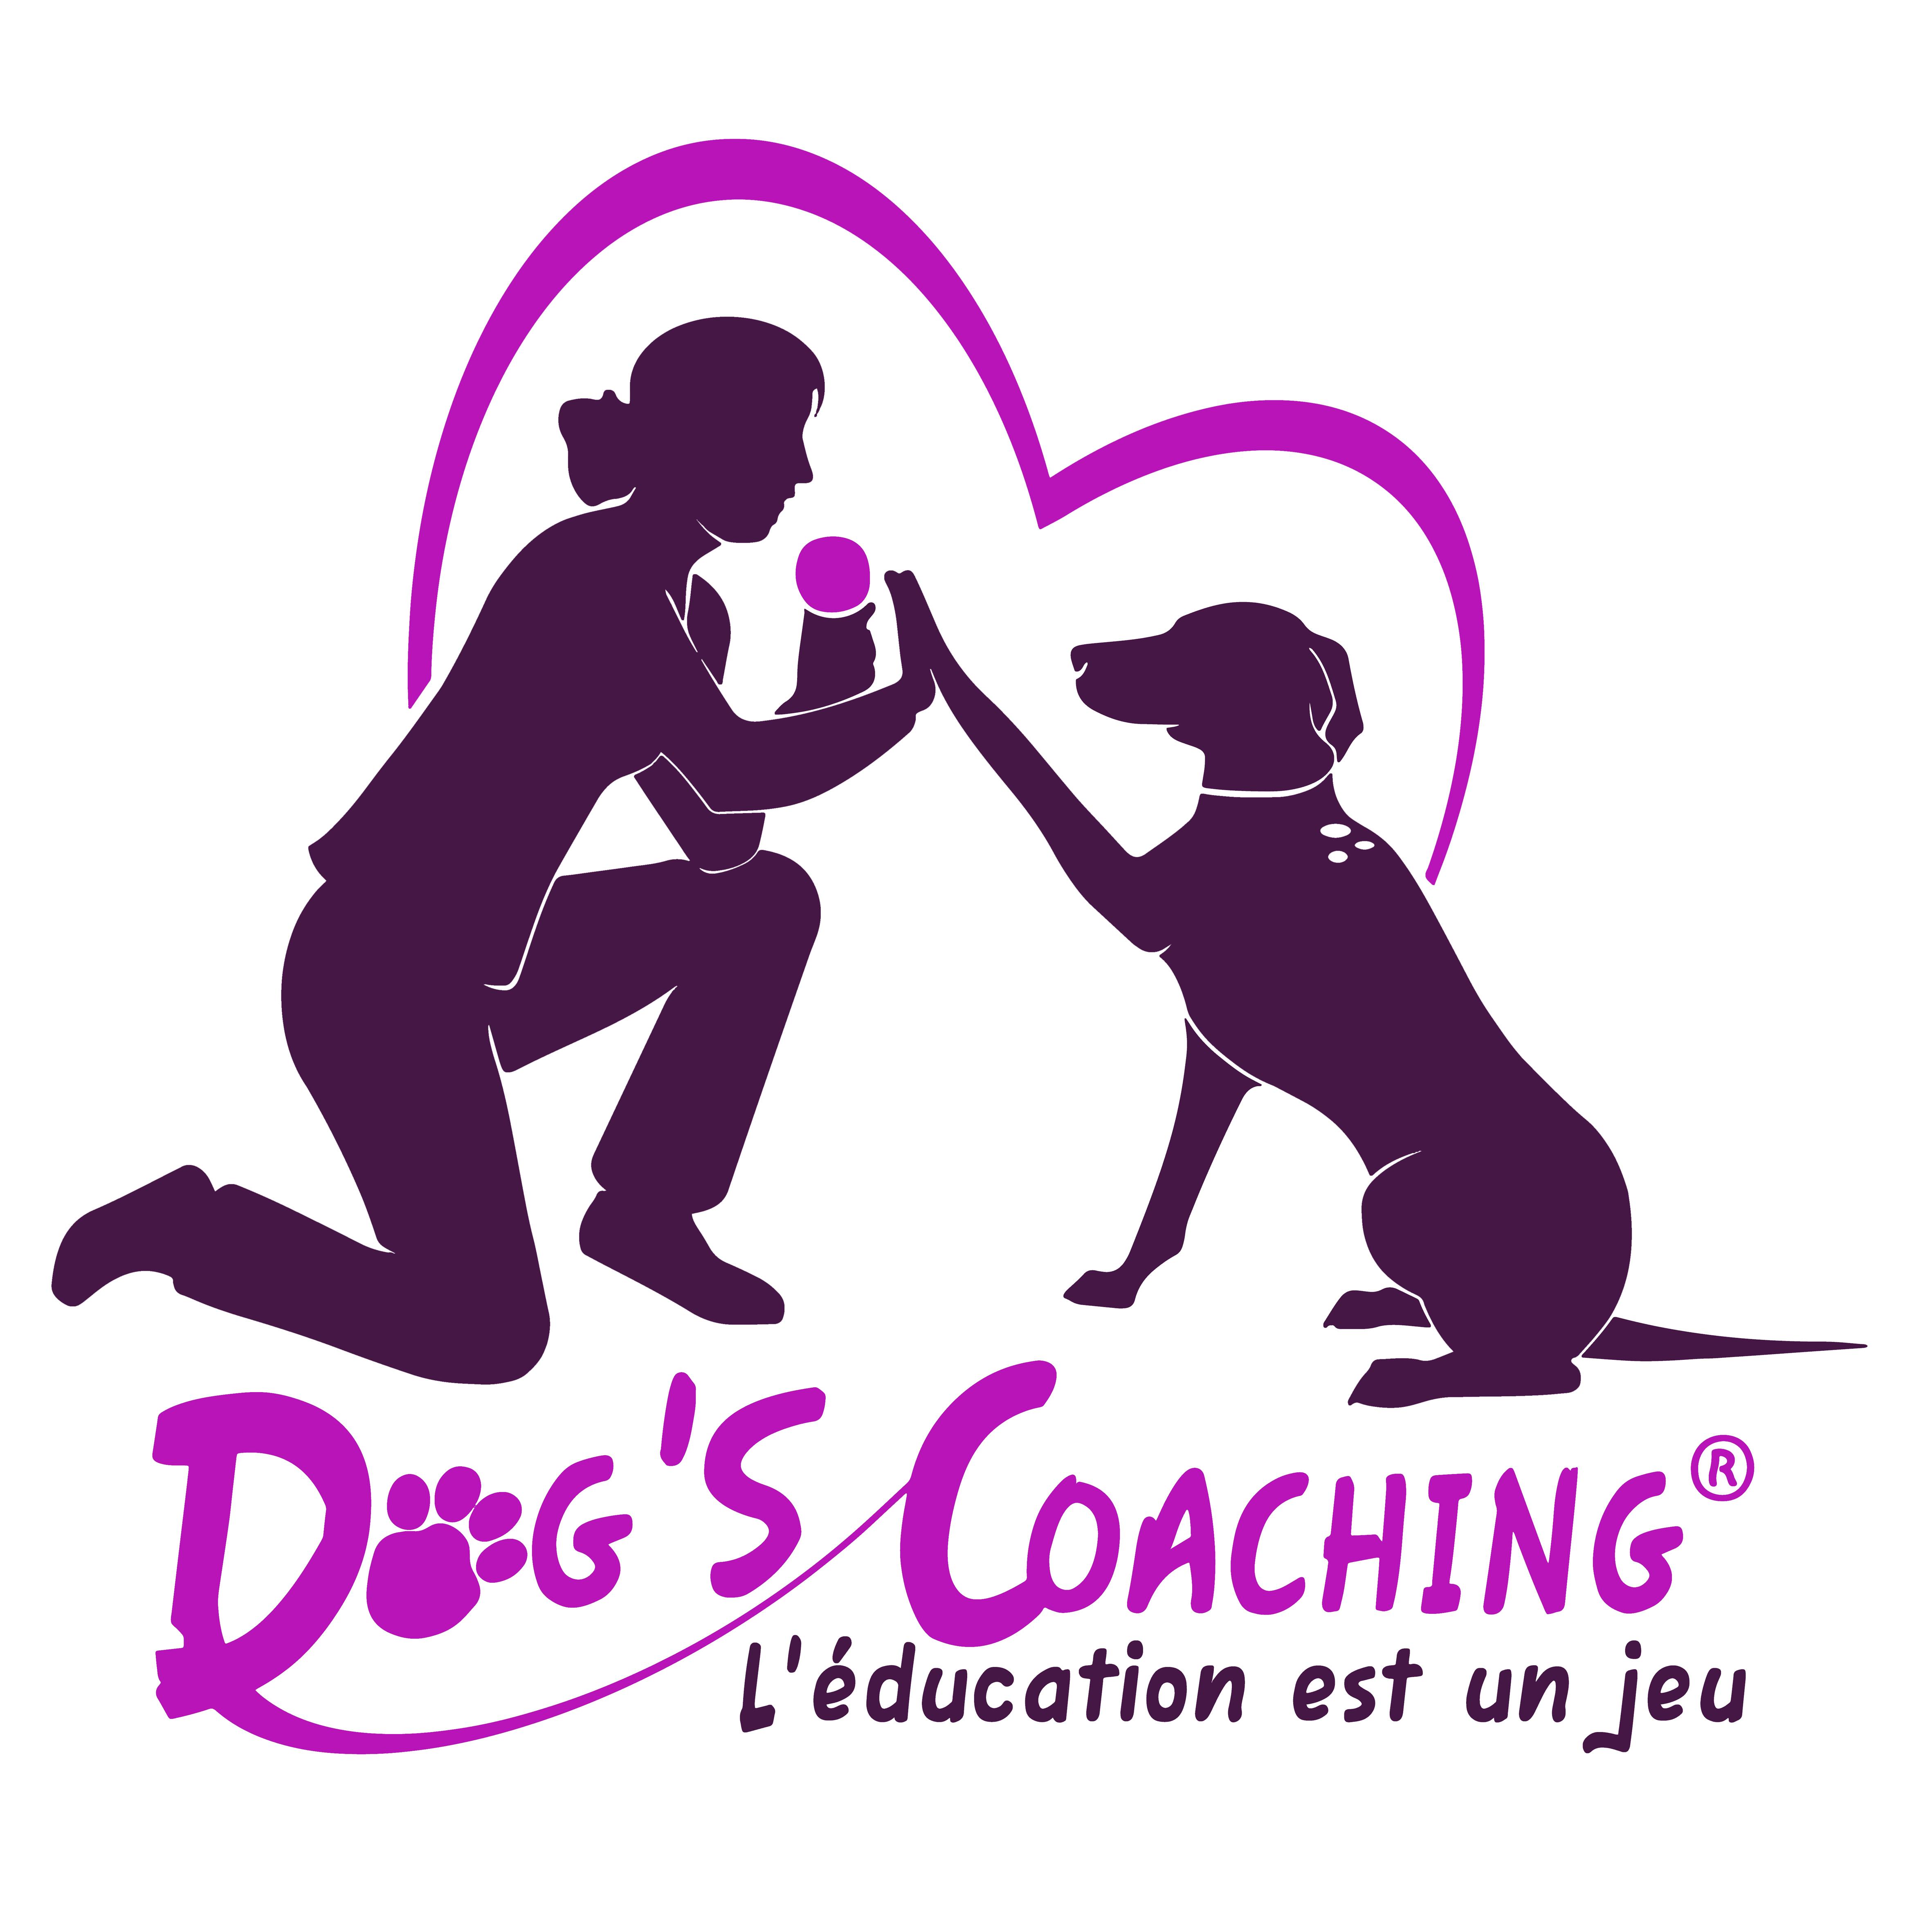 Dog's coaching dressage animal